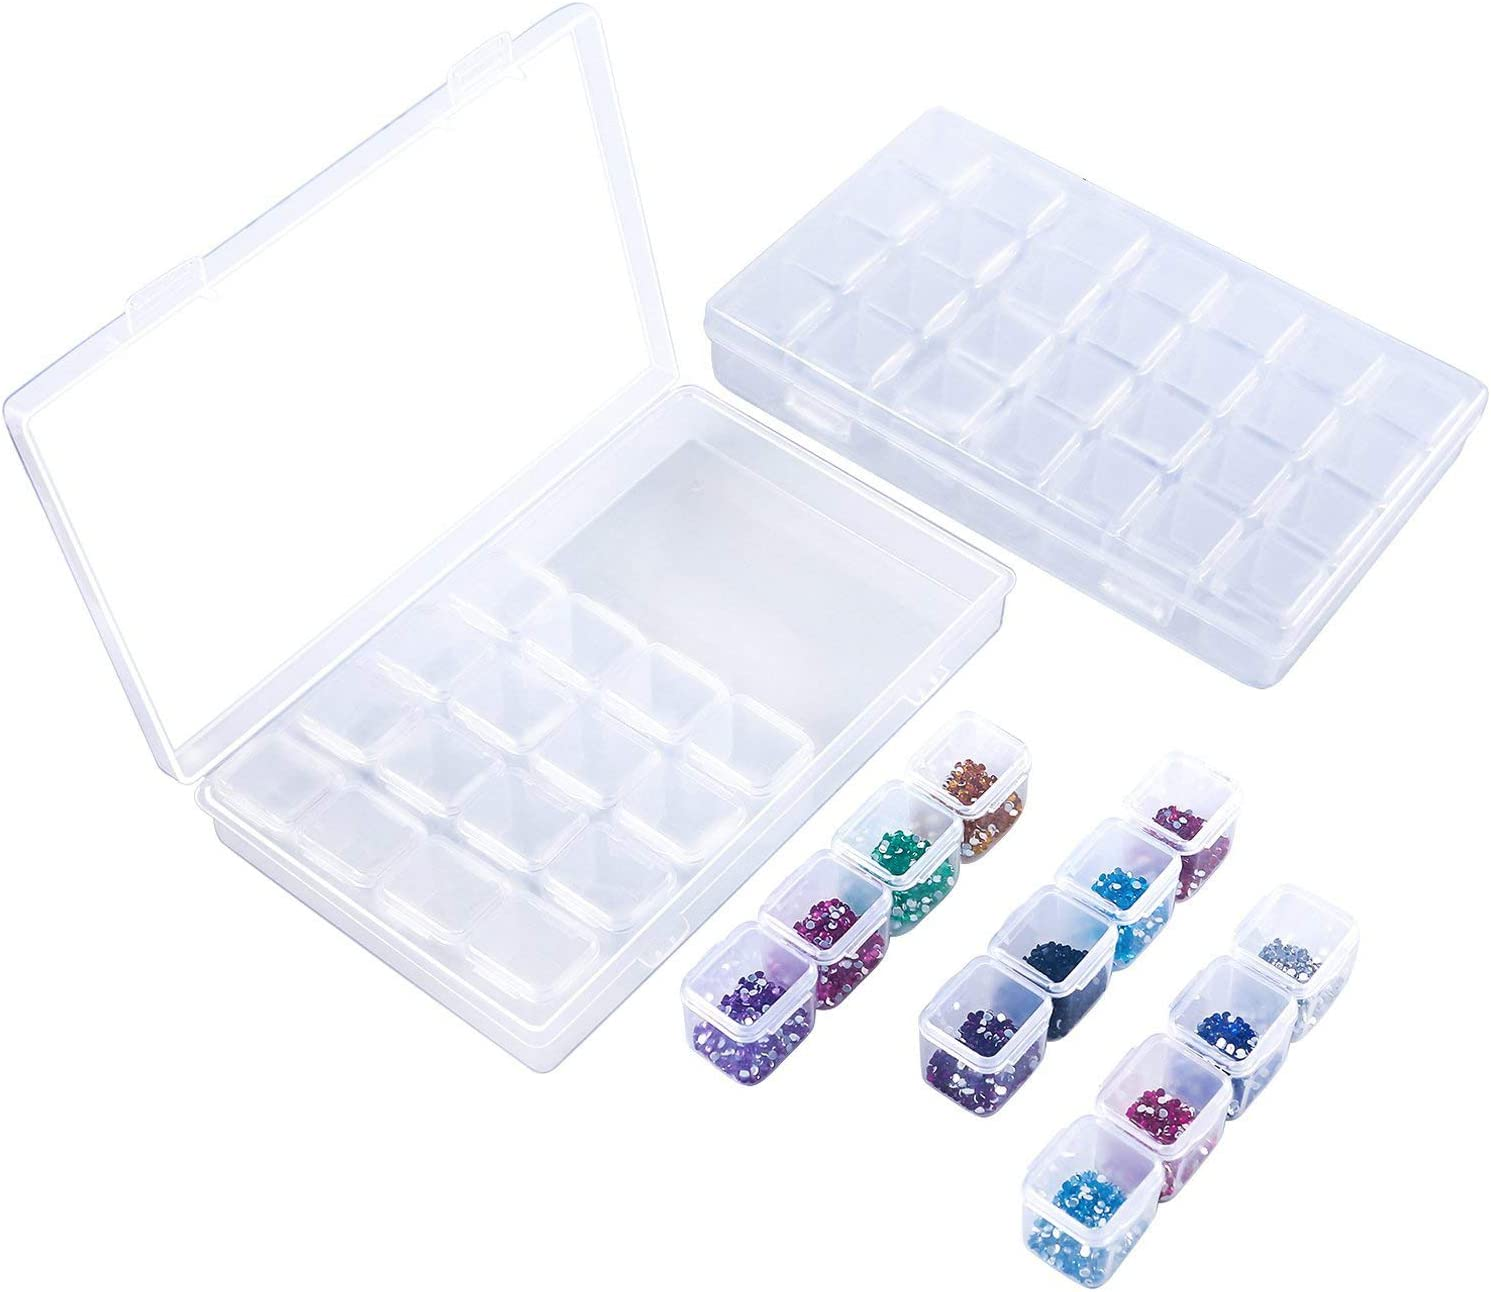 Caja organizadora de 28 rejillas, caja de bordado de diamantes Simuer, caja de almacenamiento para accesorios de pintura, joyería, accesorios de uñas, contenedor, 2 unidades